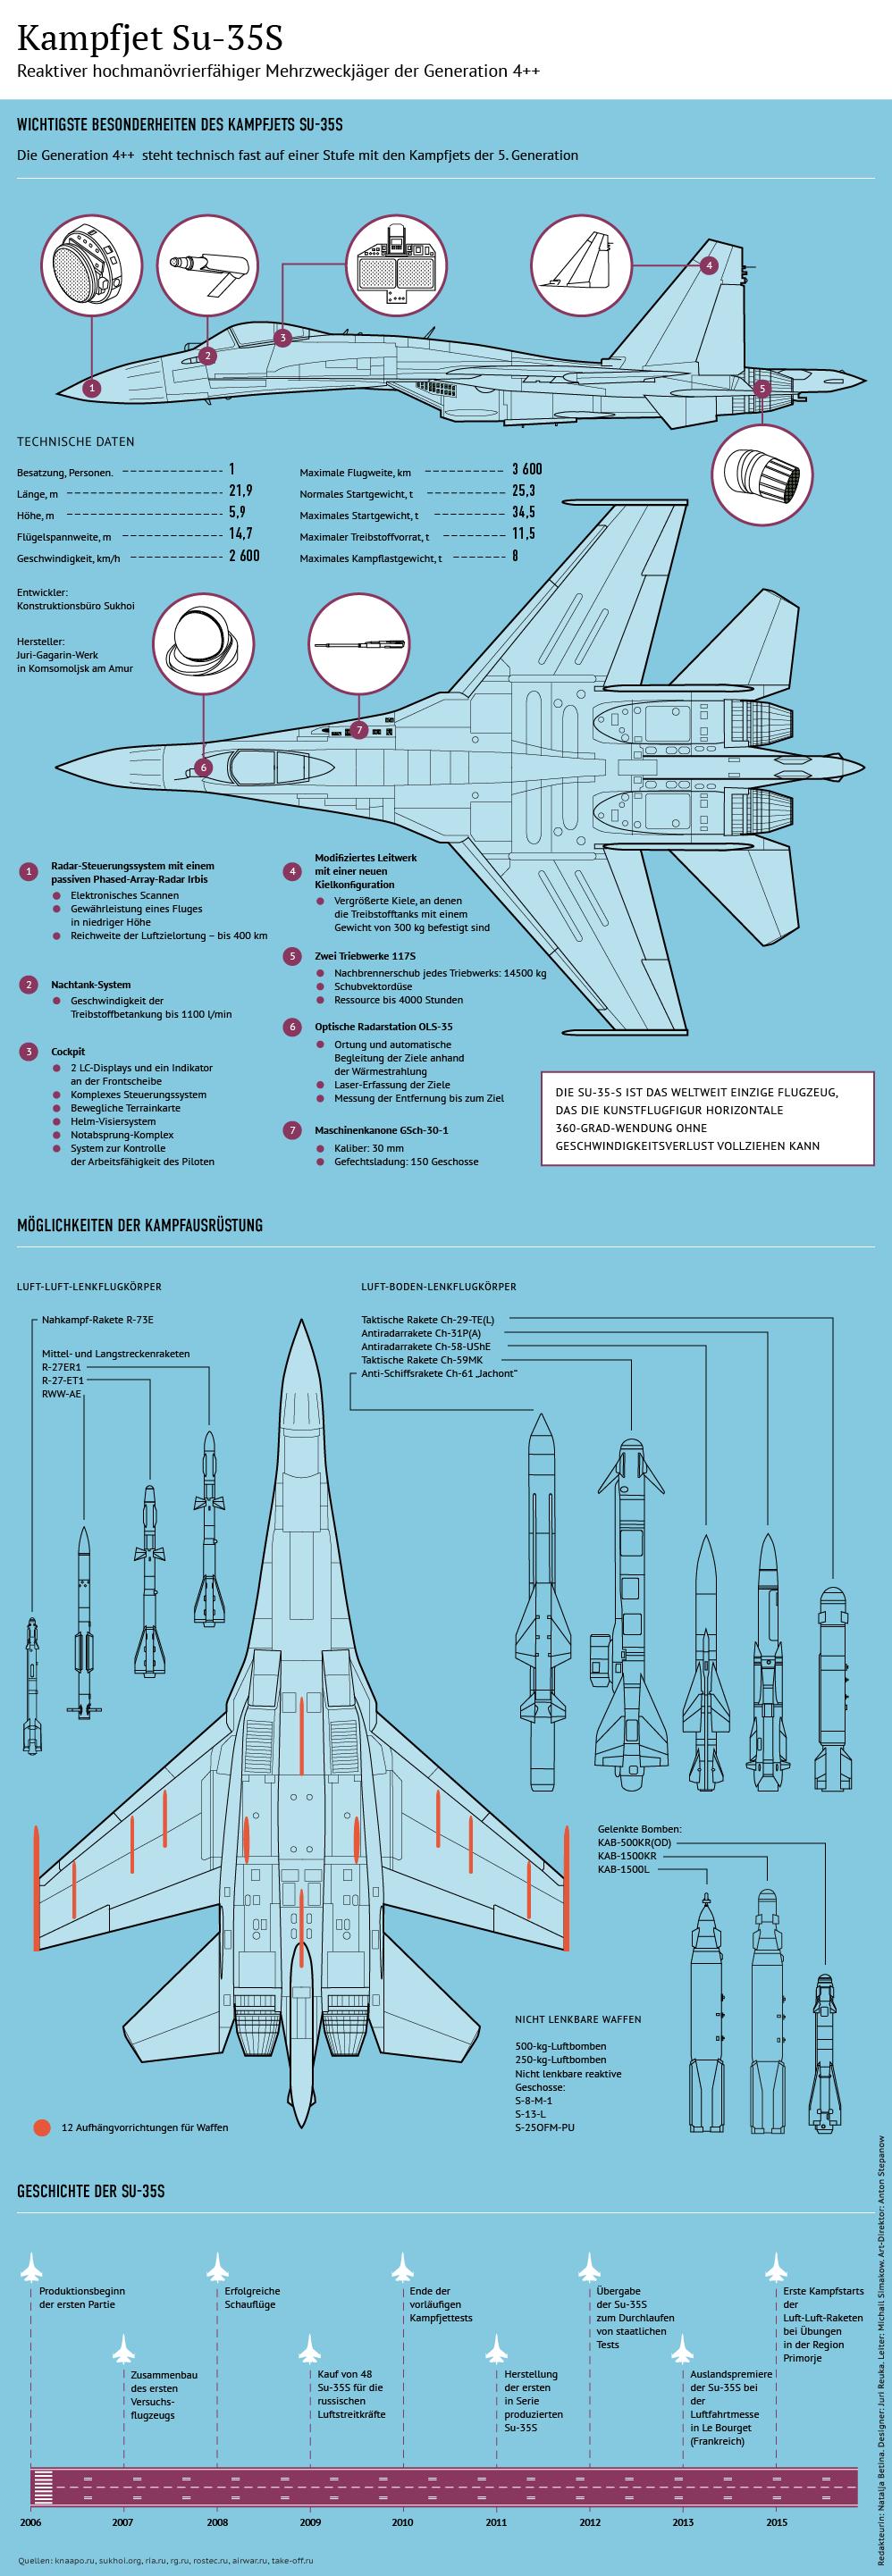 Su-35 Copyright © Sputnik - de.sputniknews.com